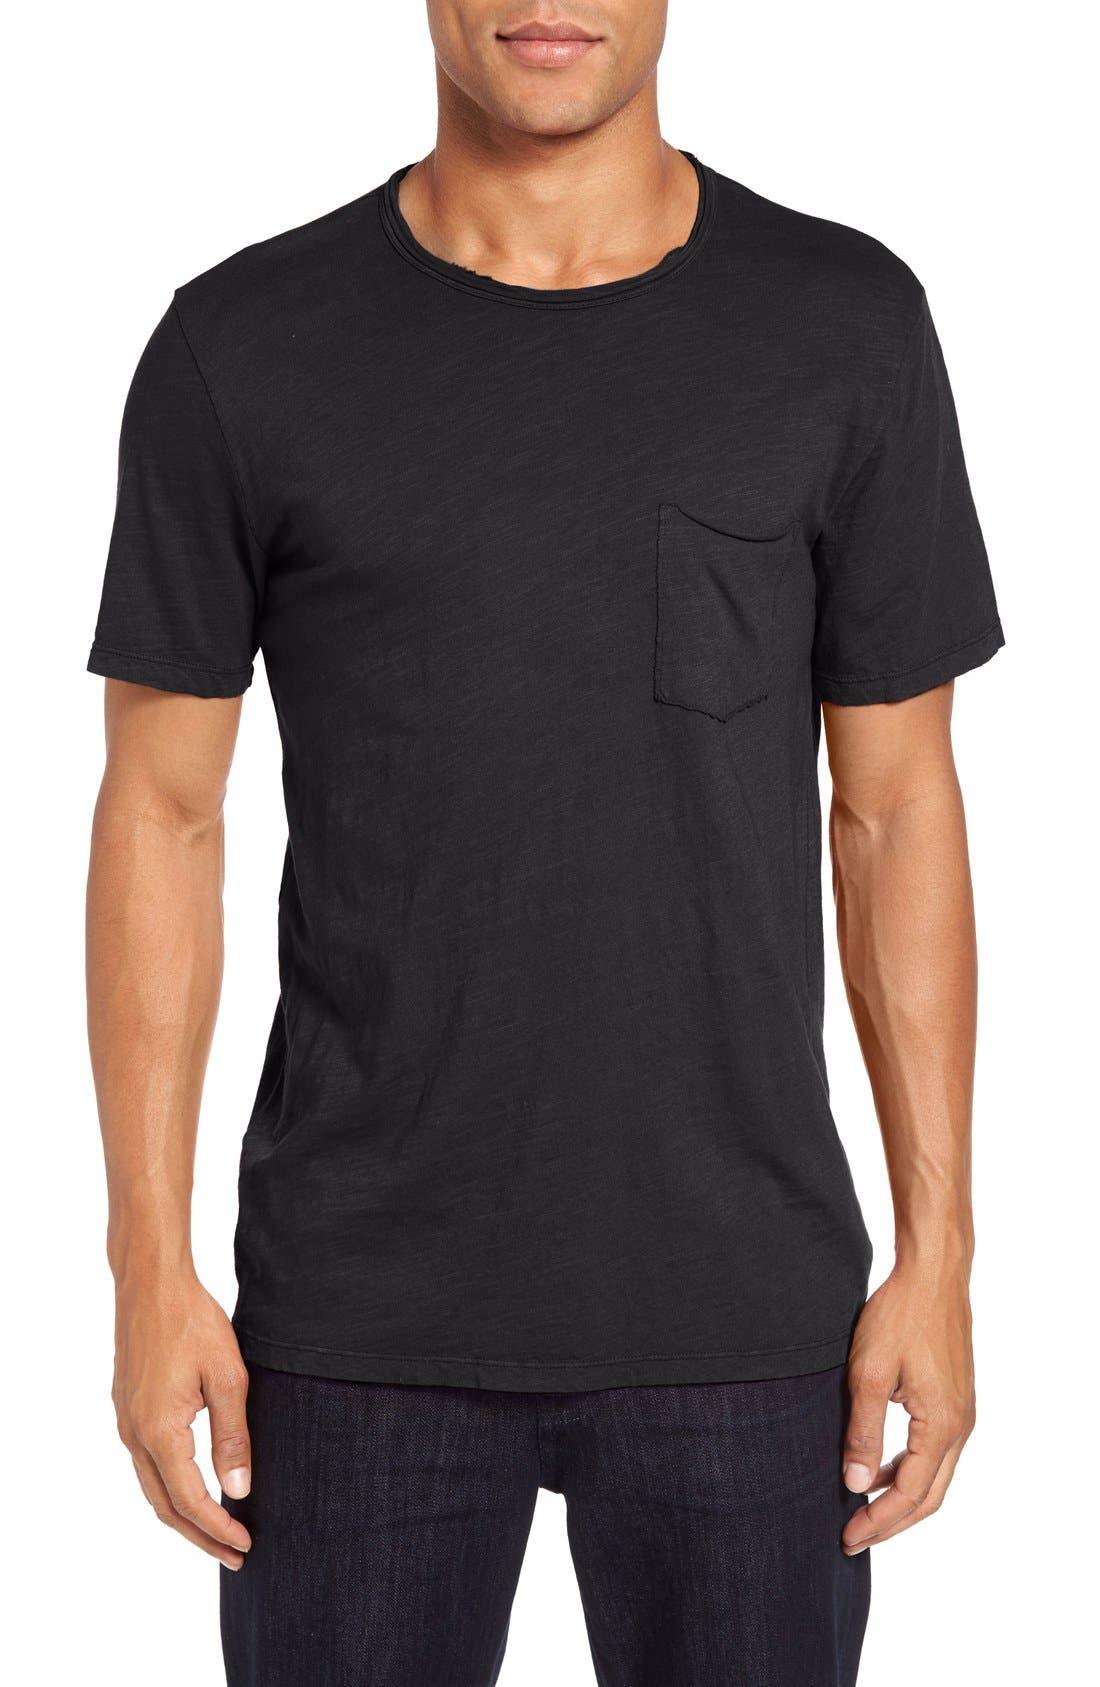 Chad Pocket T-Shirt,                             Main thumbnail 1, color,                             001